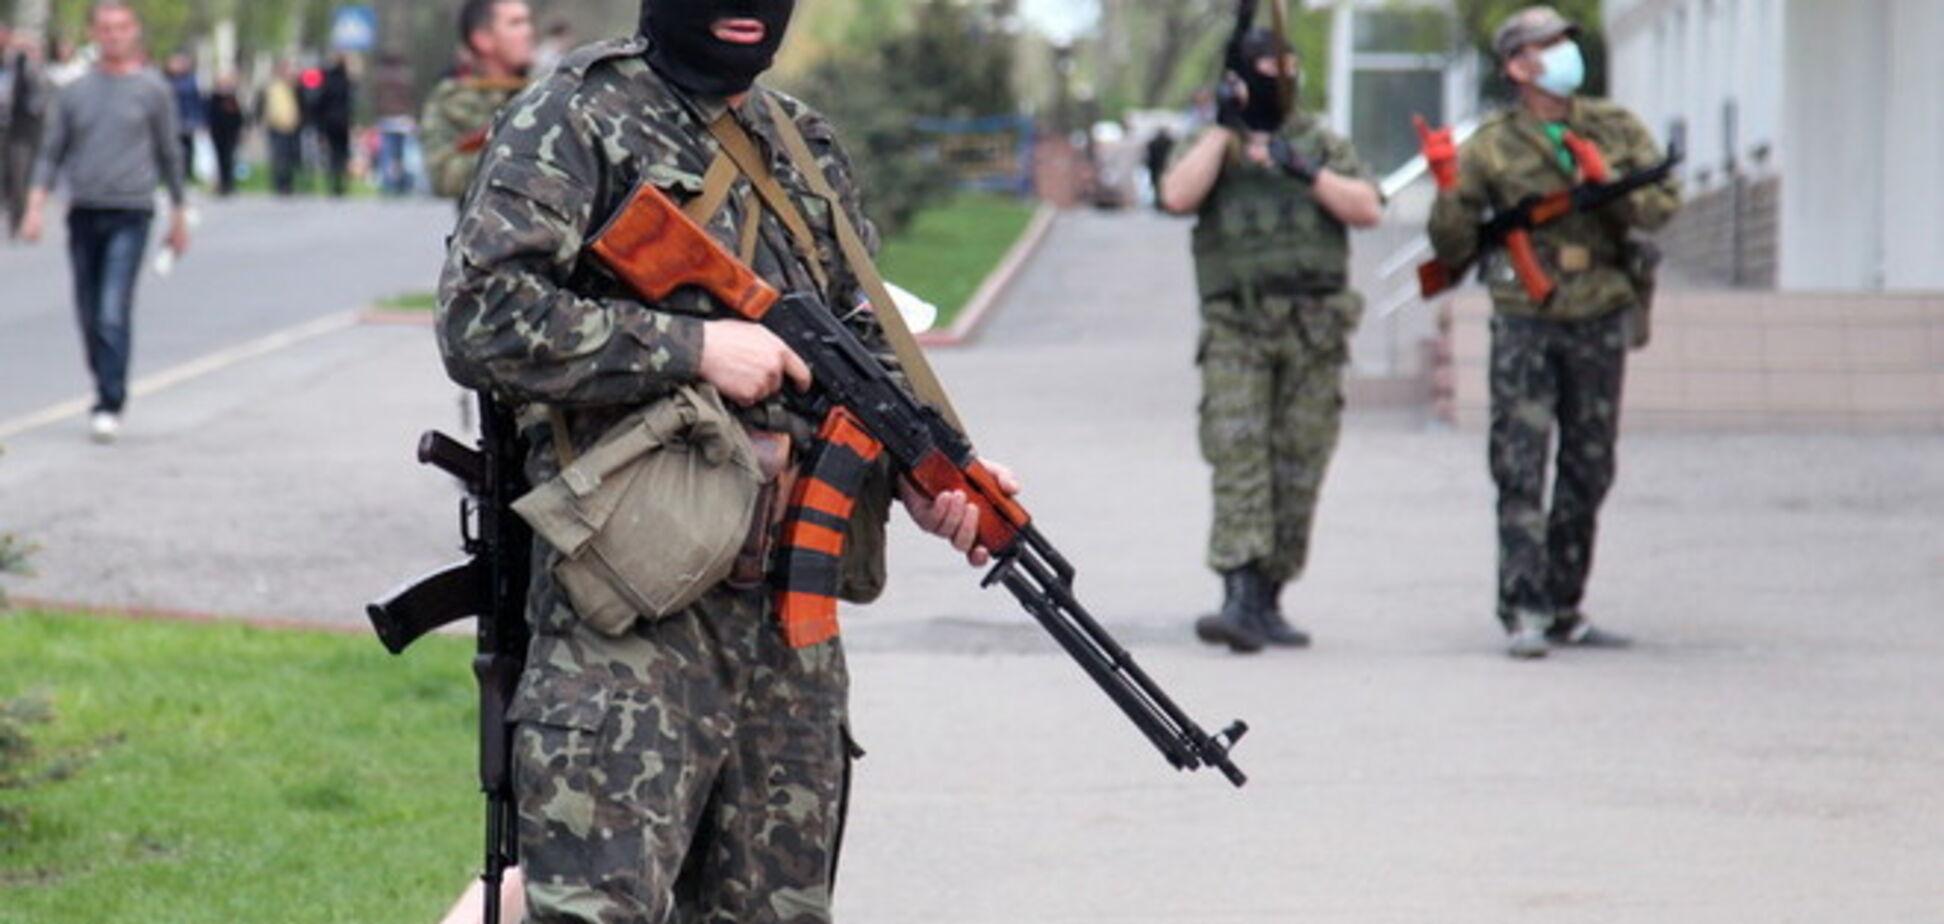 Нацгвардия отбила штурм военкомата в Луганске